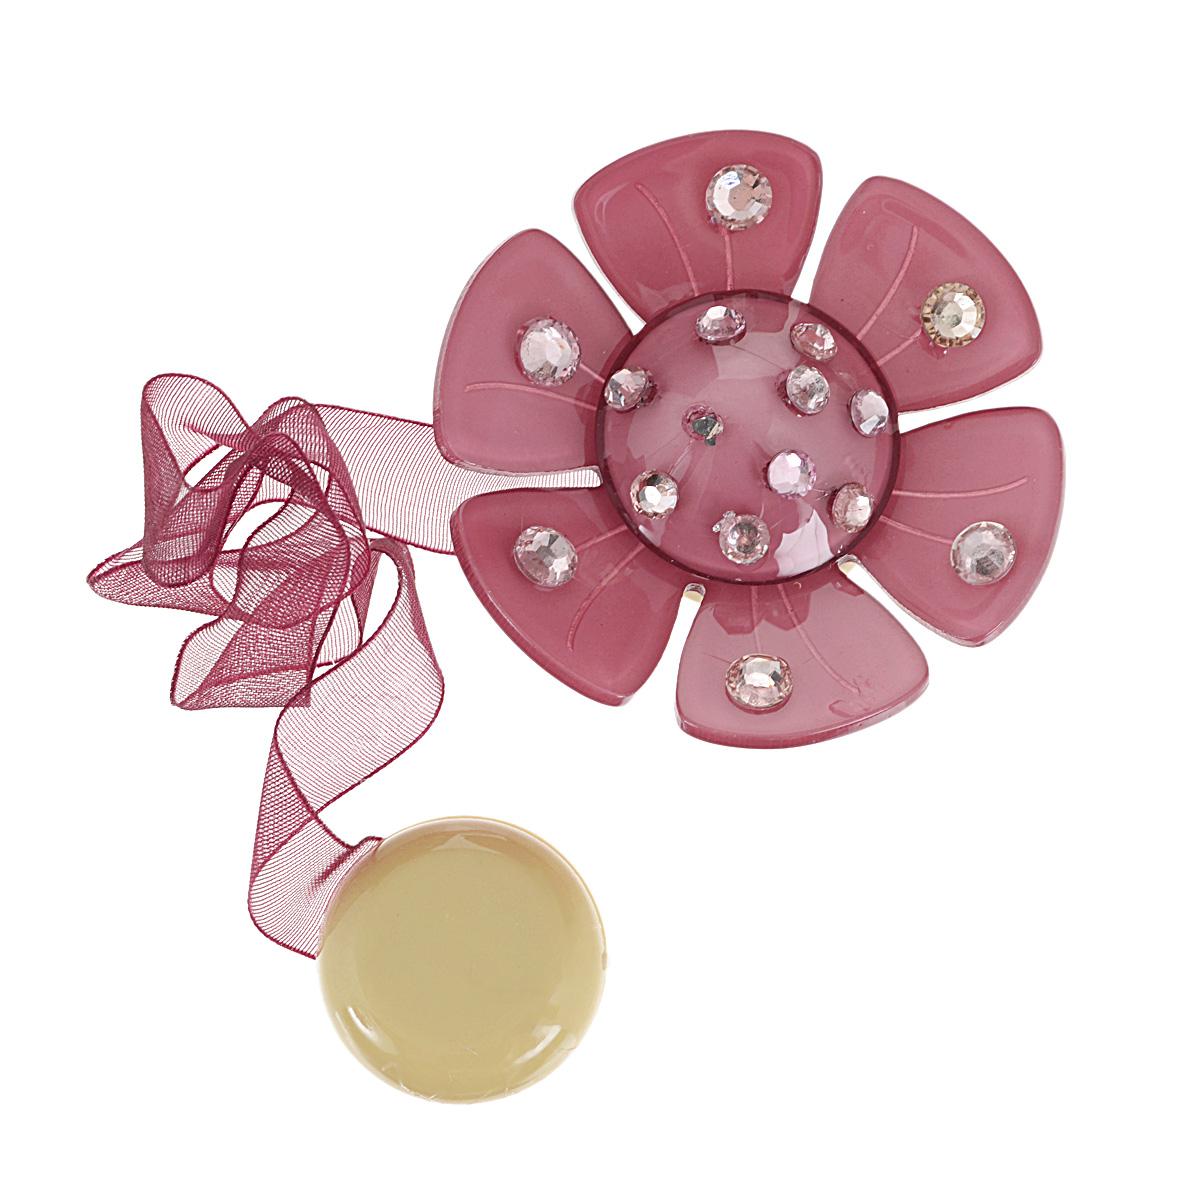 Клипса-магнит для штор Calamita Fiore, цвет: розовый. 7704020_5547704020_554Клипса-магнит Calamita Fiore, изготовленная из пластика и текстиля, предназначена для придания формы шторам. Изделие представляет собой два магнита, расположенные на разных концах текстильной ленты. Один из магнитов оформлен декоративным цветком и украшен стразами. С помощью такой магнитной клипсы можно зафиксировать портьеры, придать им требуемое положение, сделать складки симметричными или приблизить портьеры, скрепить их. Клипсы для штор являются универсальным изделием, которое превосходно подойдет как для штор в детской комнате, так и для штор в гостиной. Следует отметить, что клипсы для штор выполняют не только практическую функцию, но также являются одной из основных деталей декора этого изделия, которая придает шторам восхитительный, стильный внешний вид.